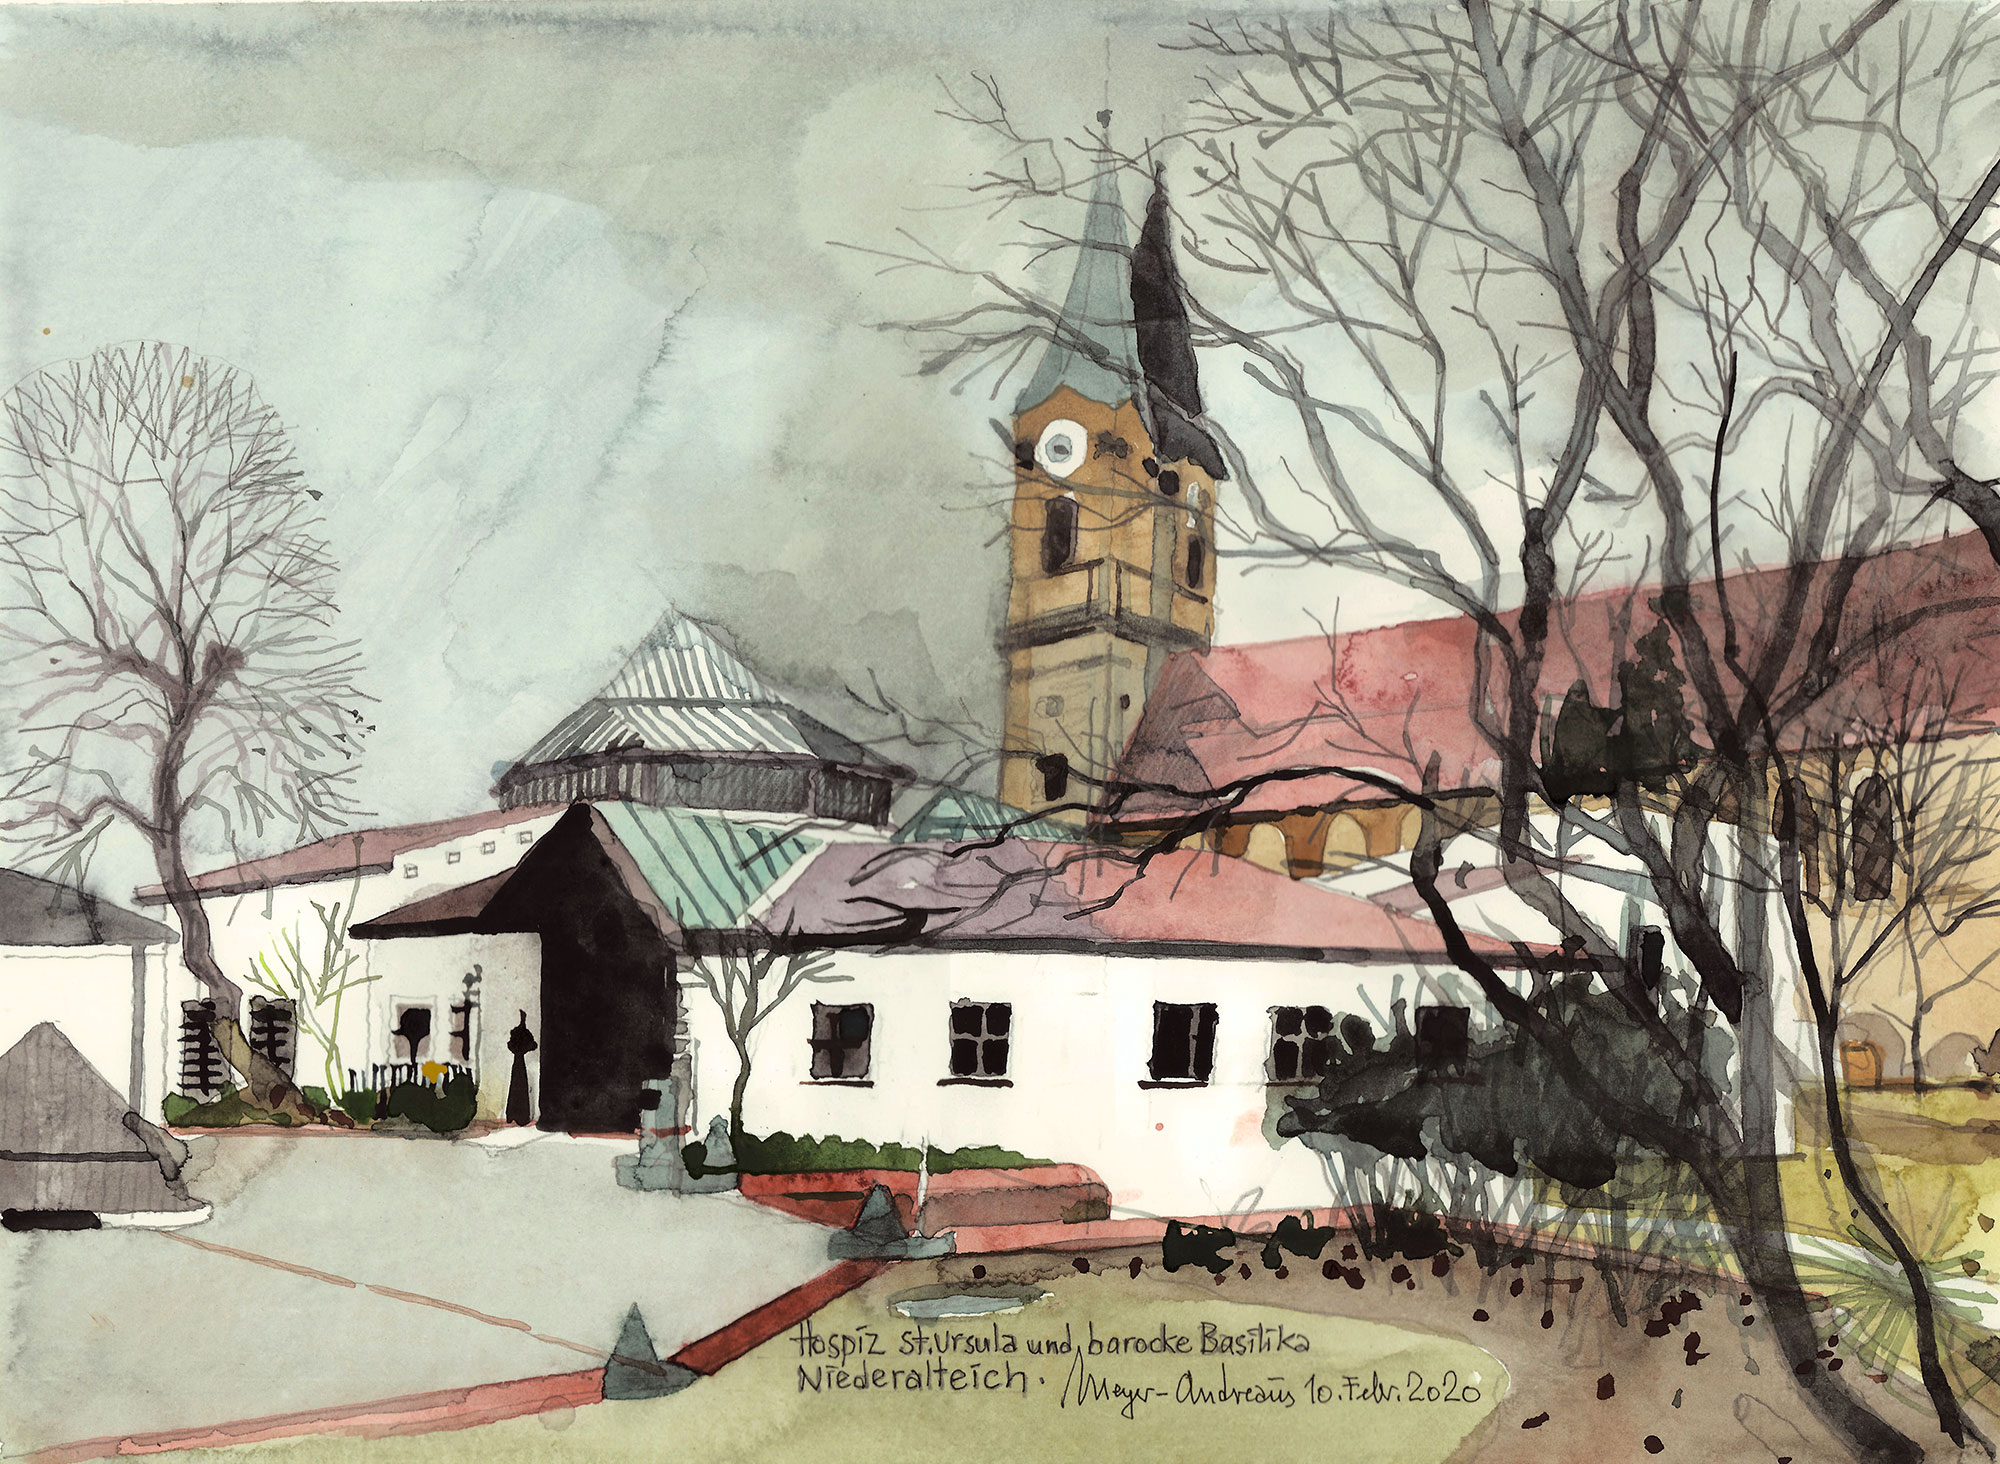 02-Hospiz-St-Ursula-Niederalteich_10.02.2020